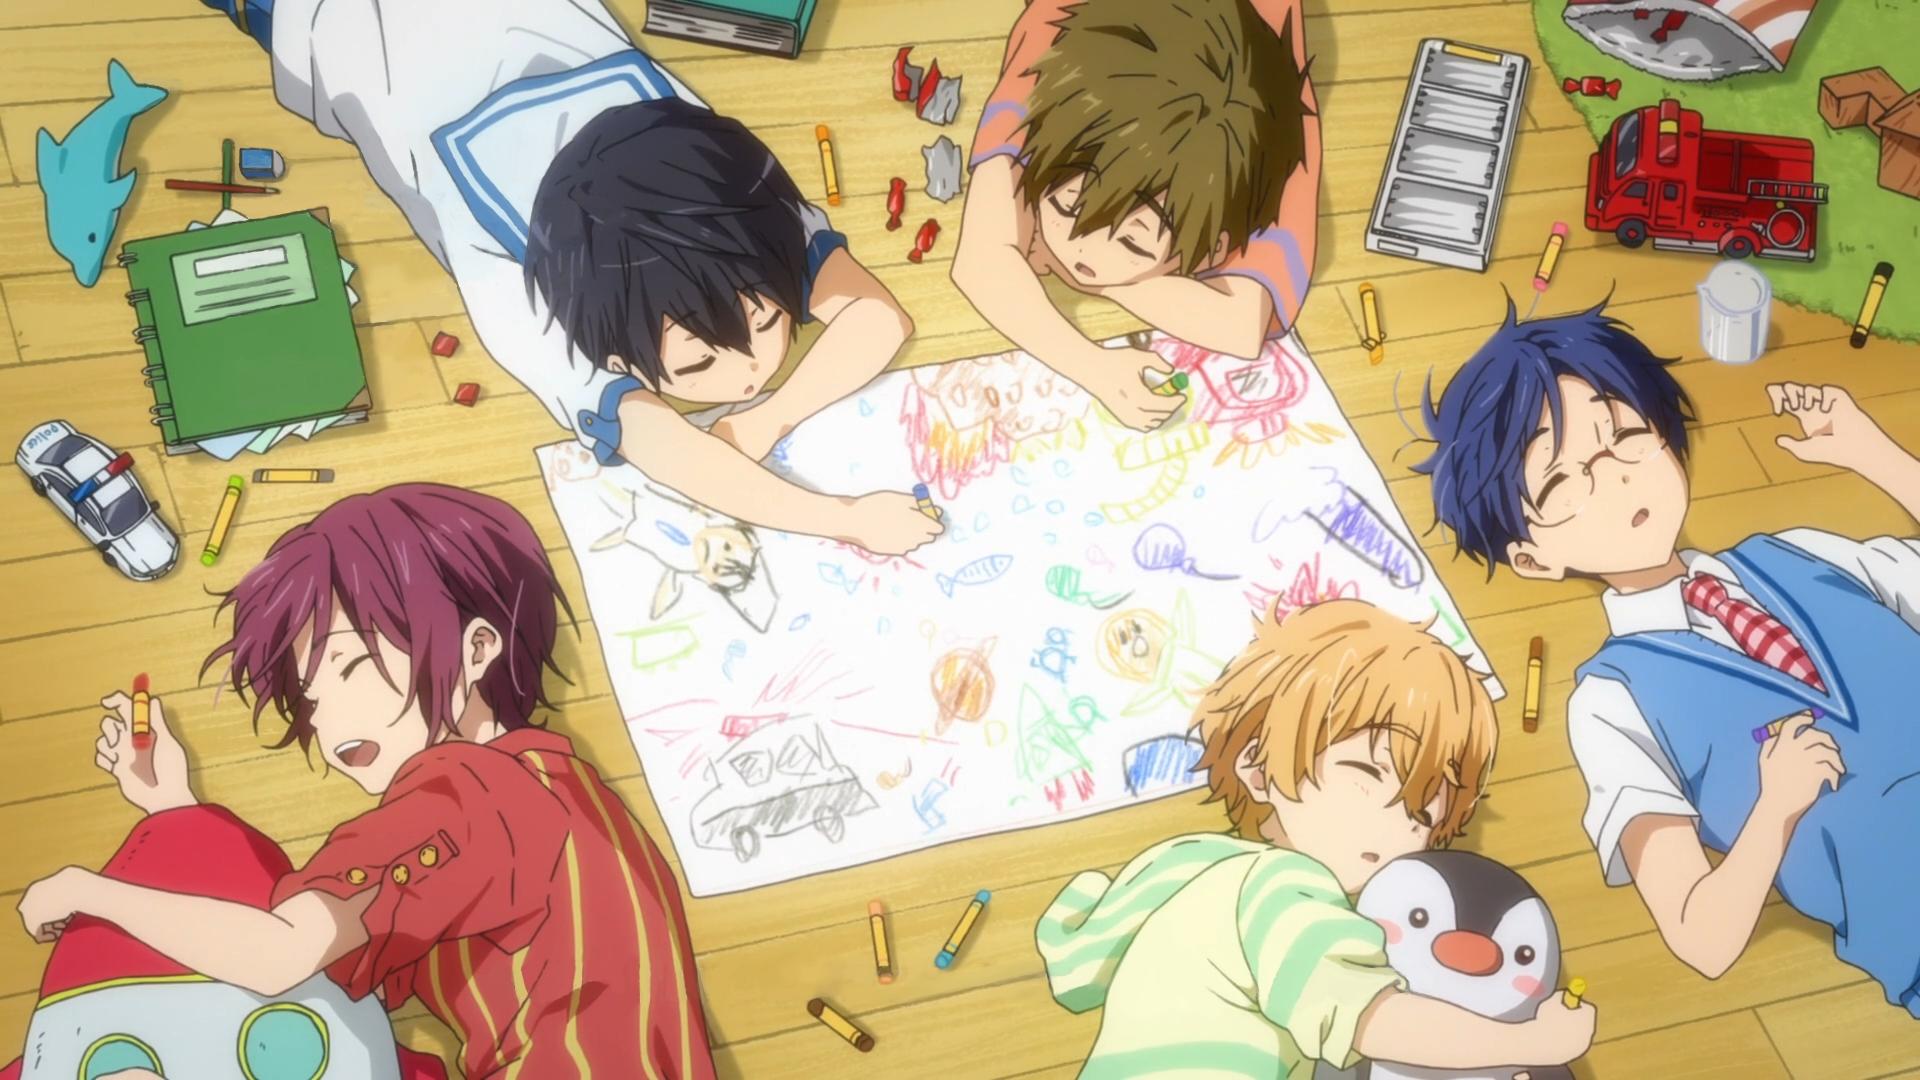 Wallpaper Anime Boys Anime Gamers 1920x1080 Abudun 1519759